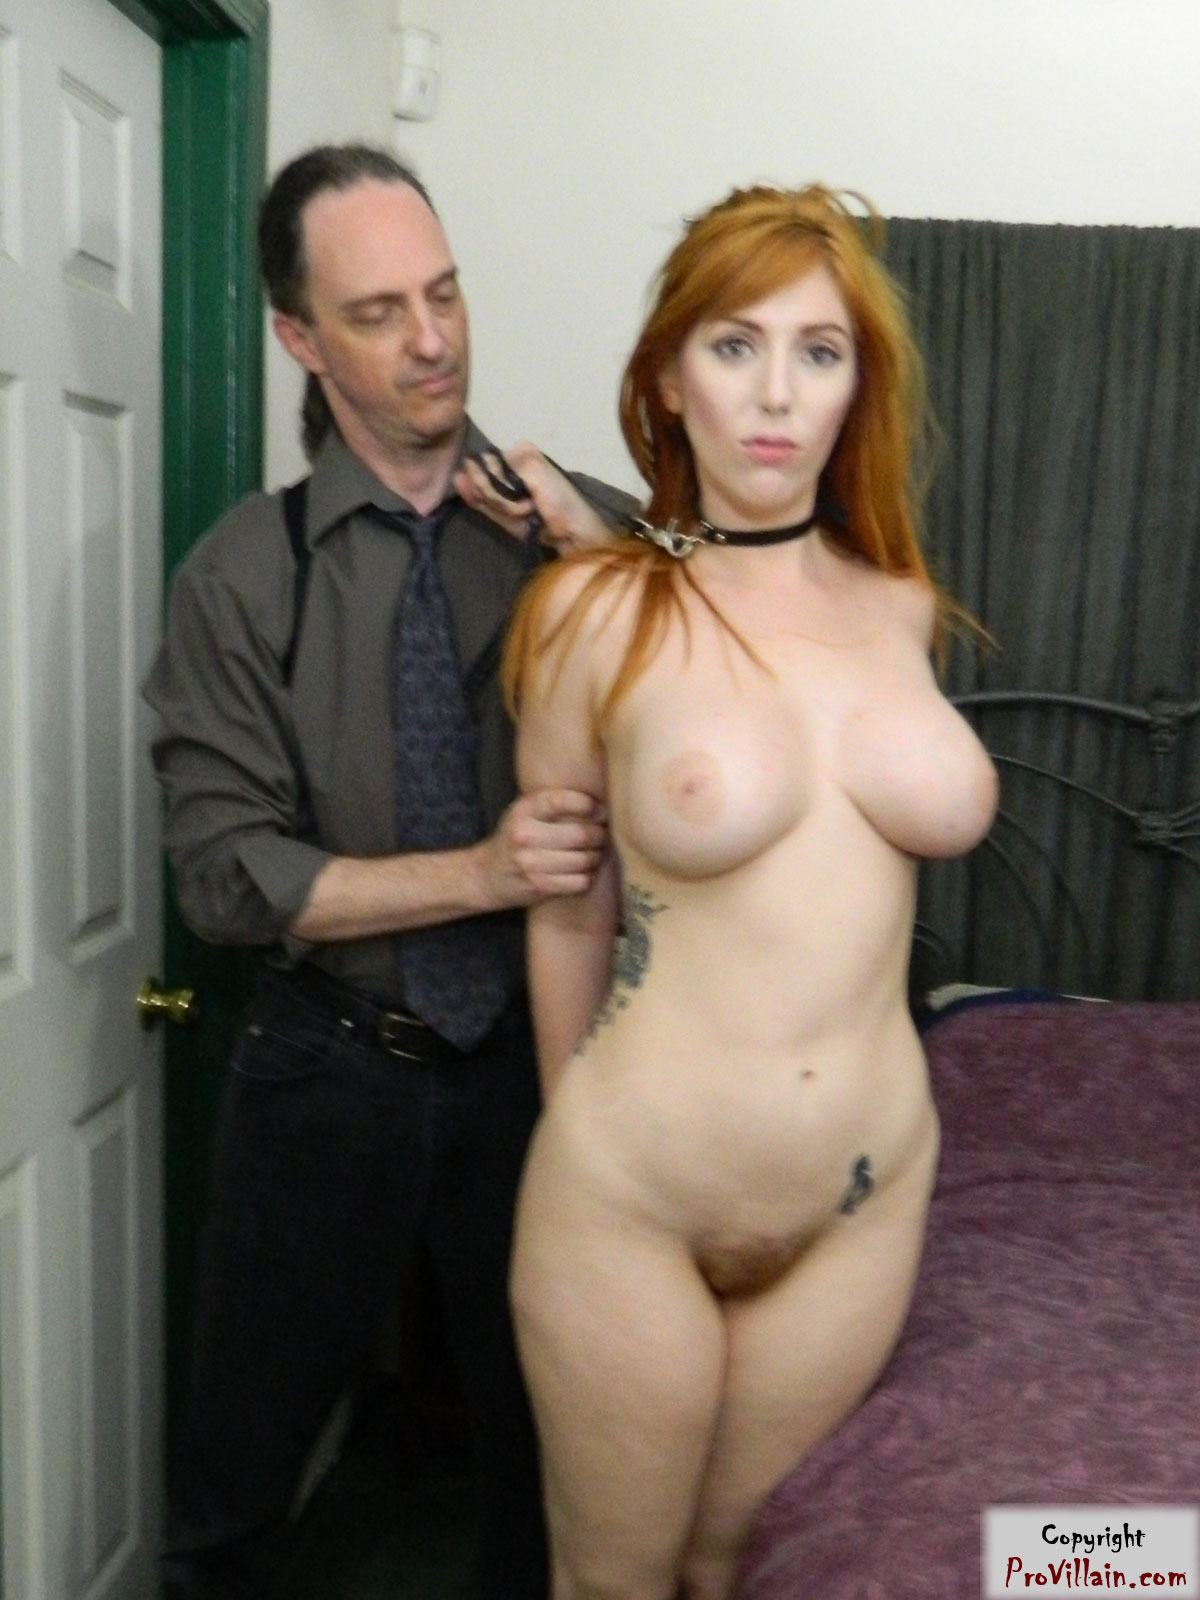 lauren phillips naked